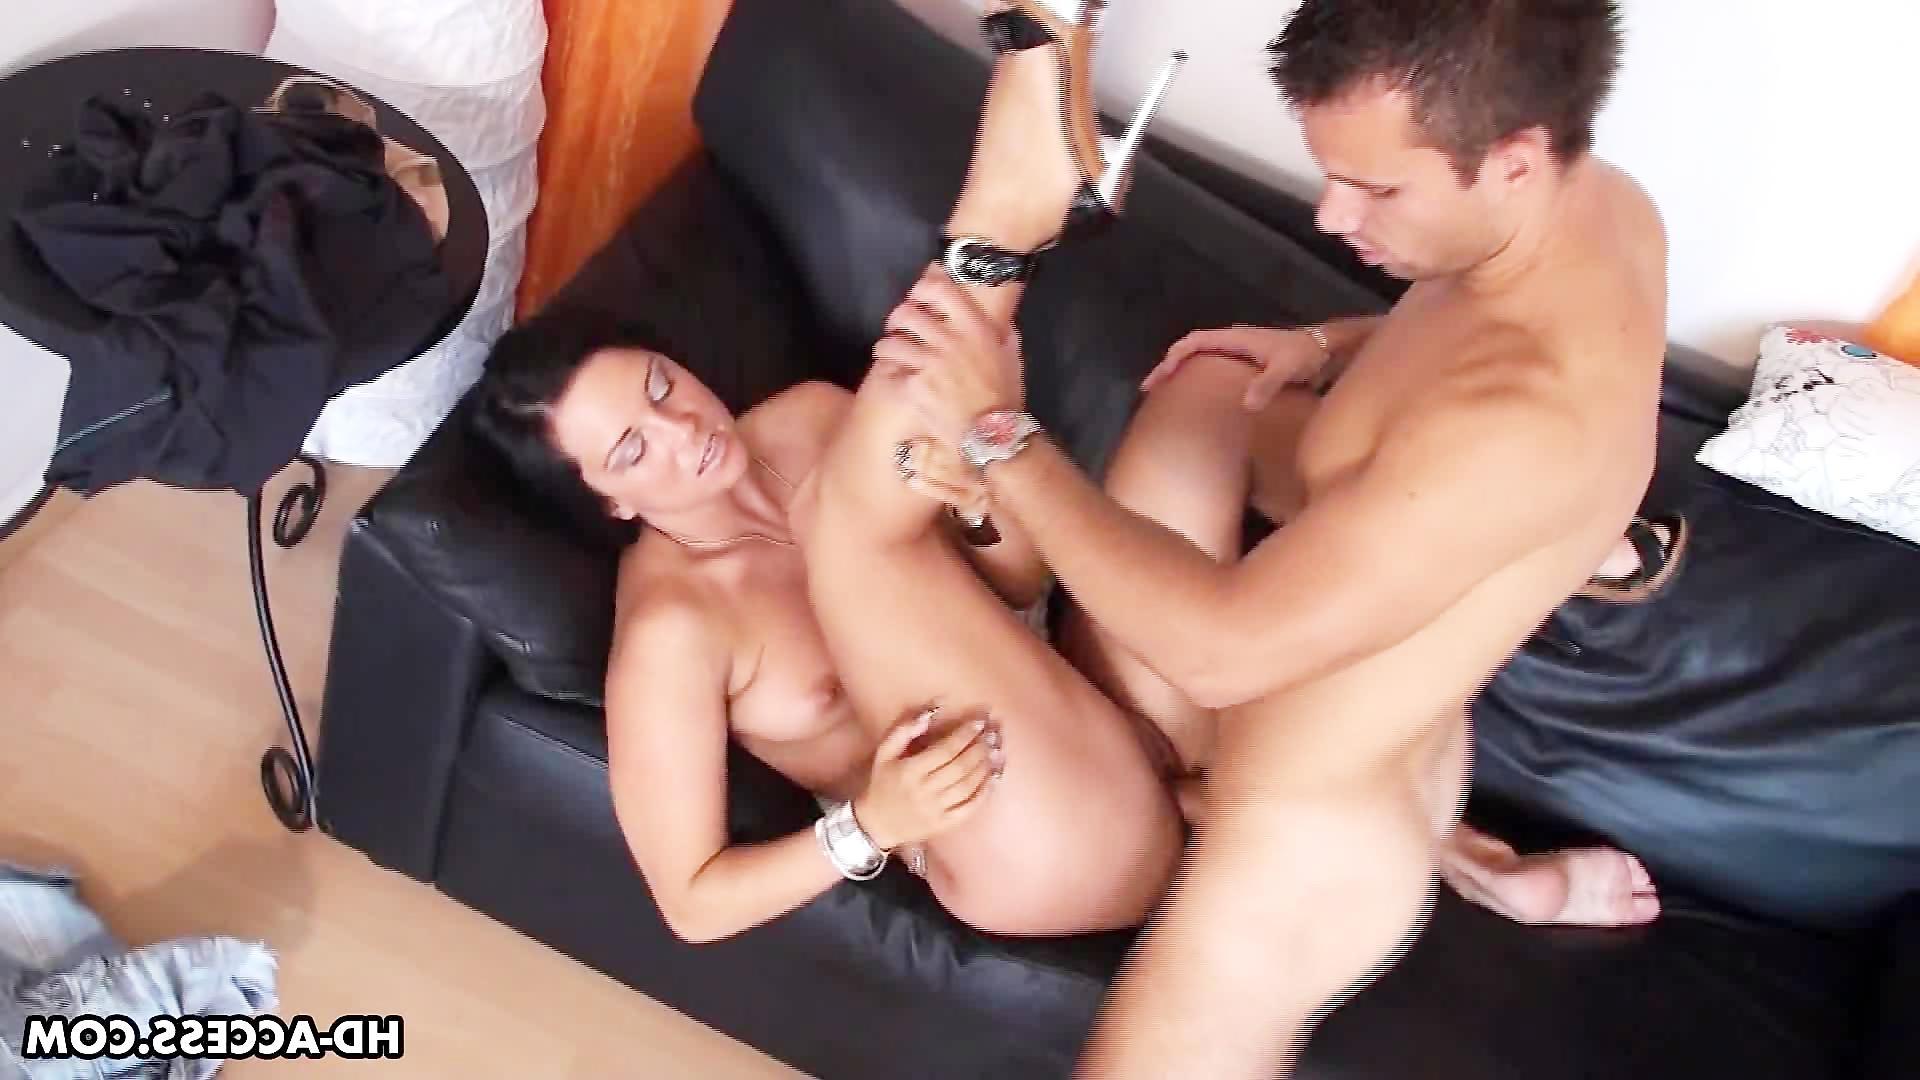 porno-video-v-kurgane-smotret-onlayn-seks-sauni